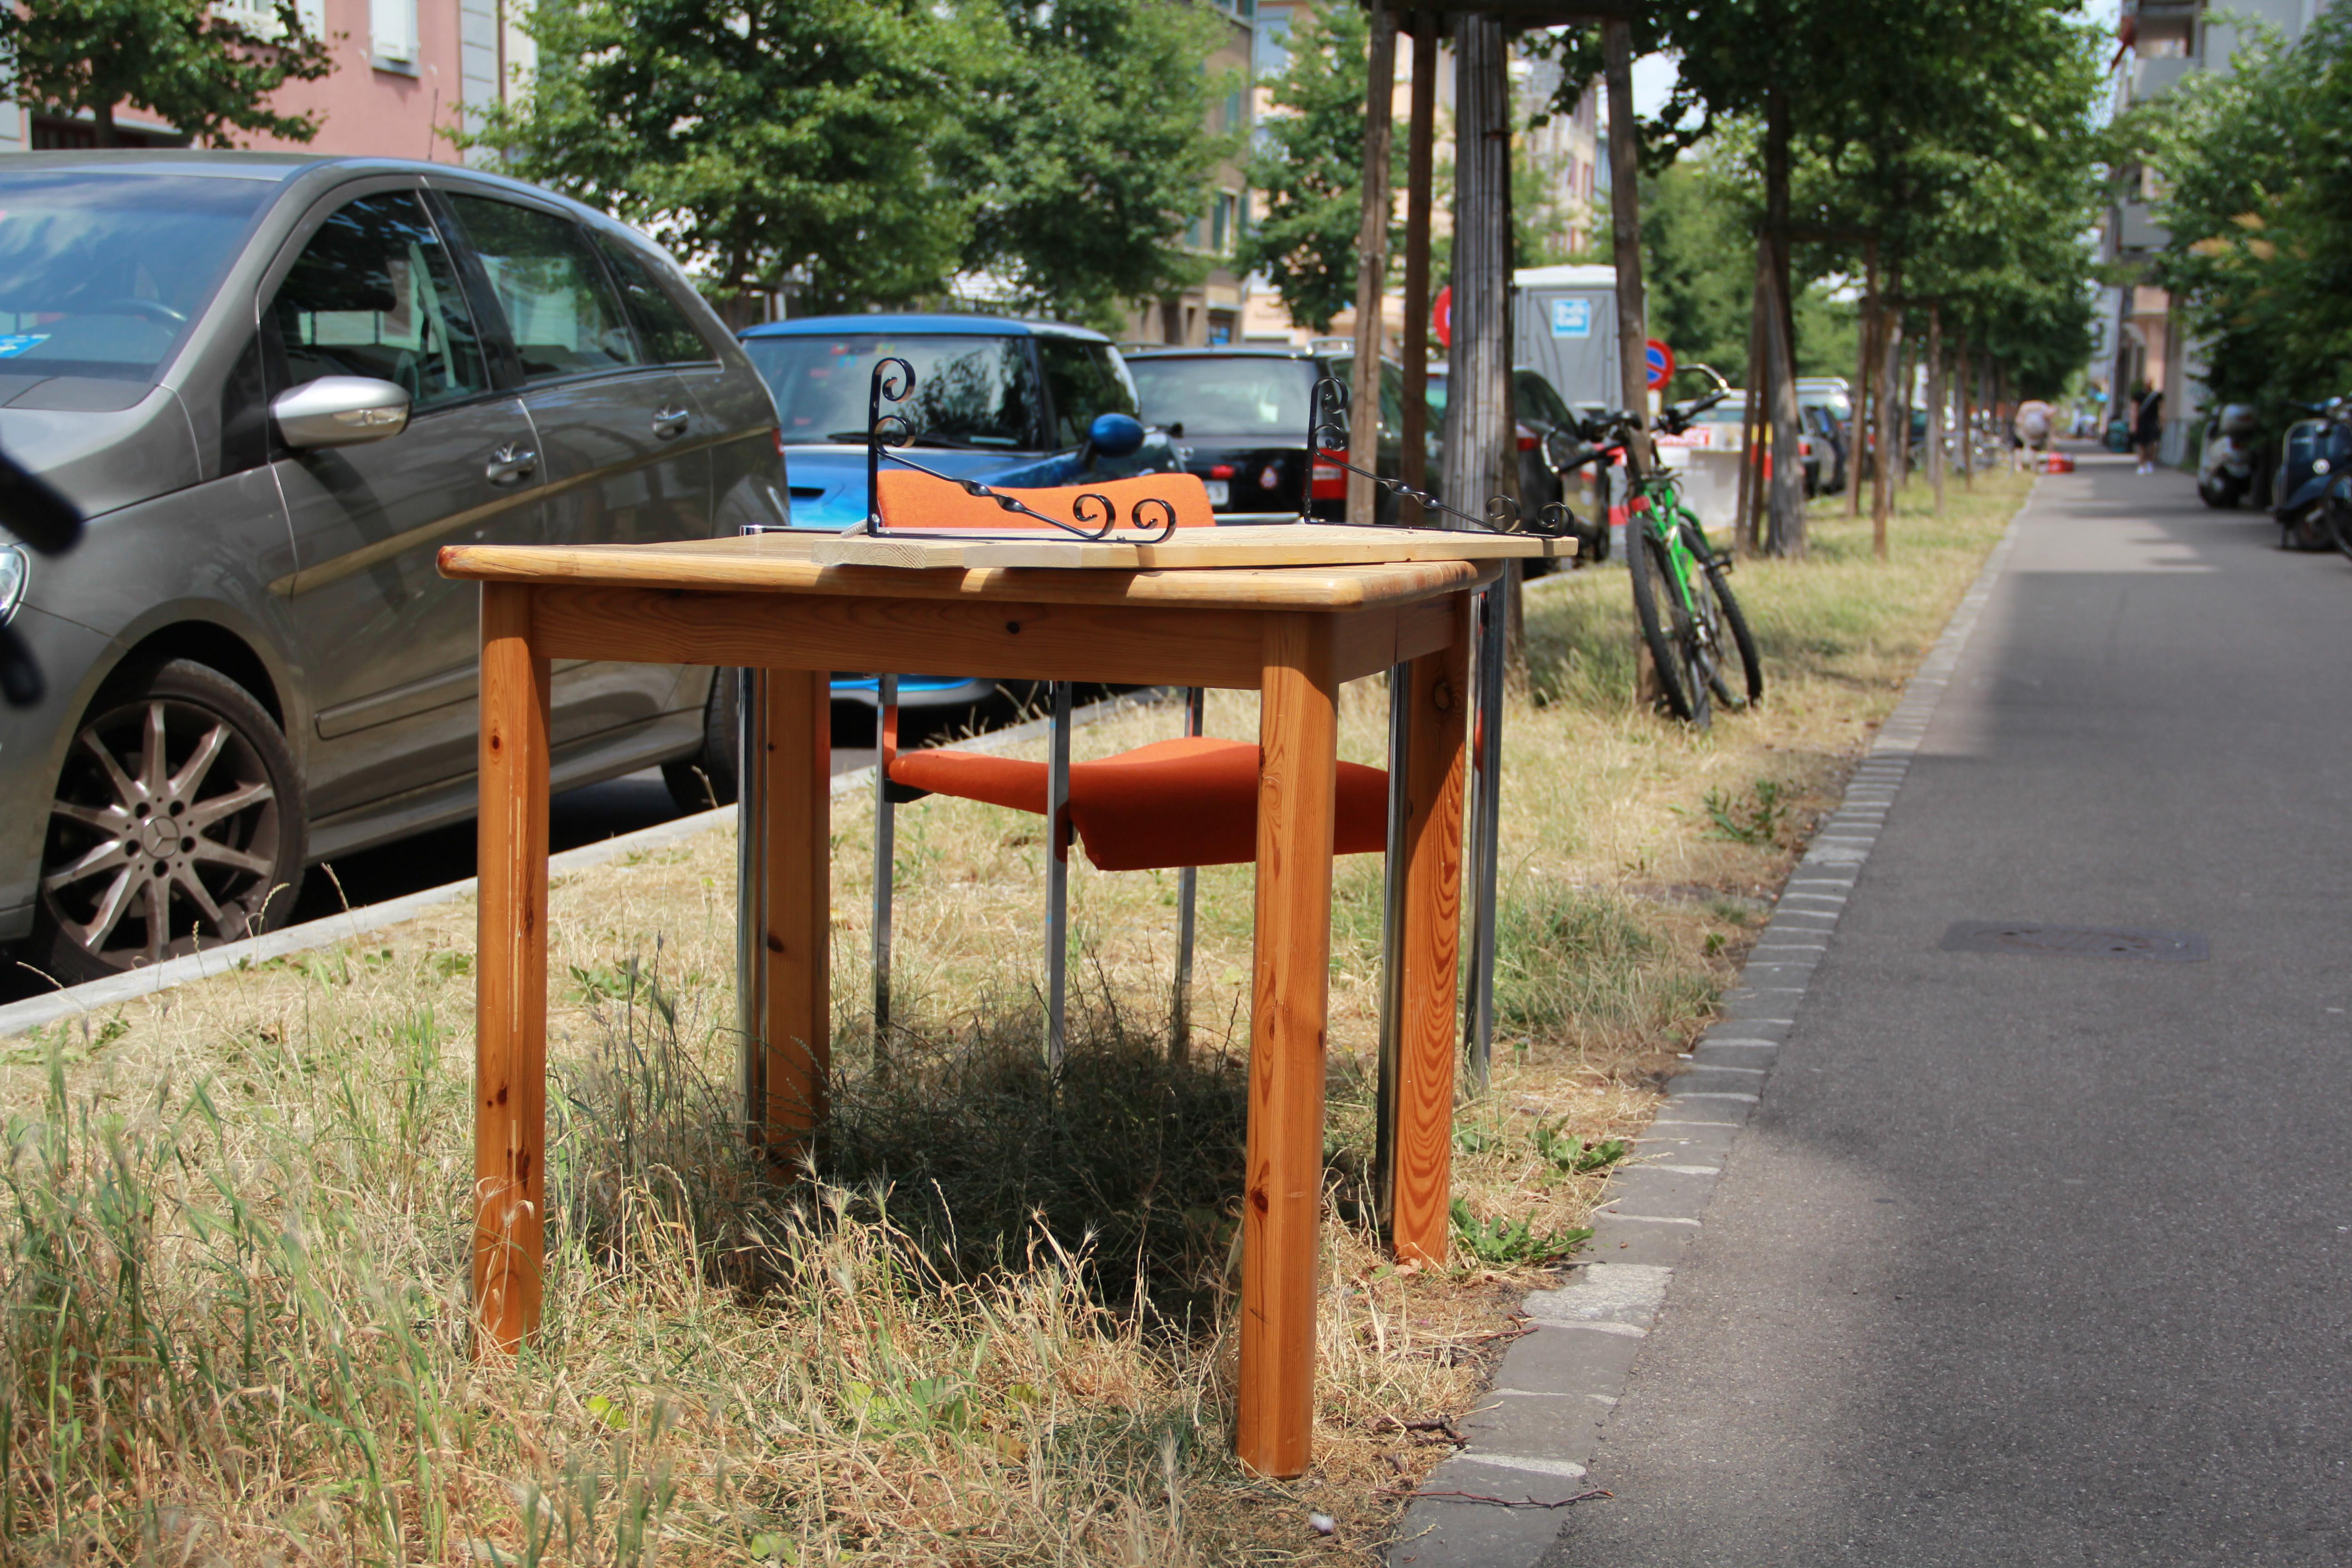 Die Gasstrasse wird zu den Hotspots der Deponien gezählt. Dieser gut erhaltene Tisch fand offensichtlich bald Abnehmer.